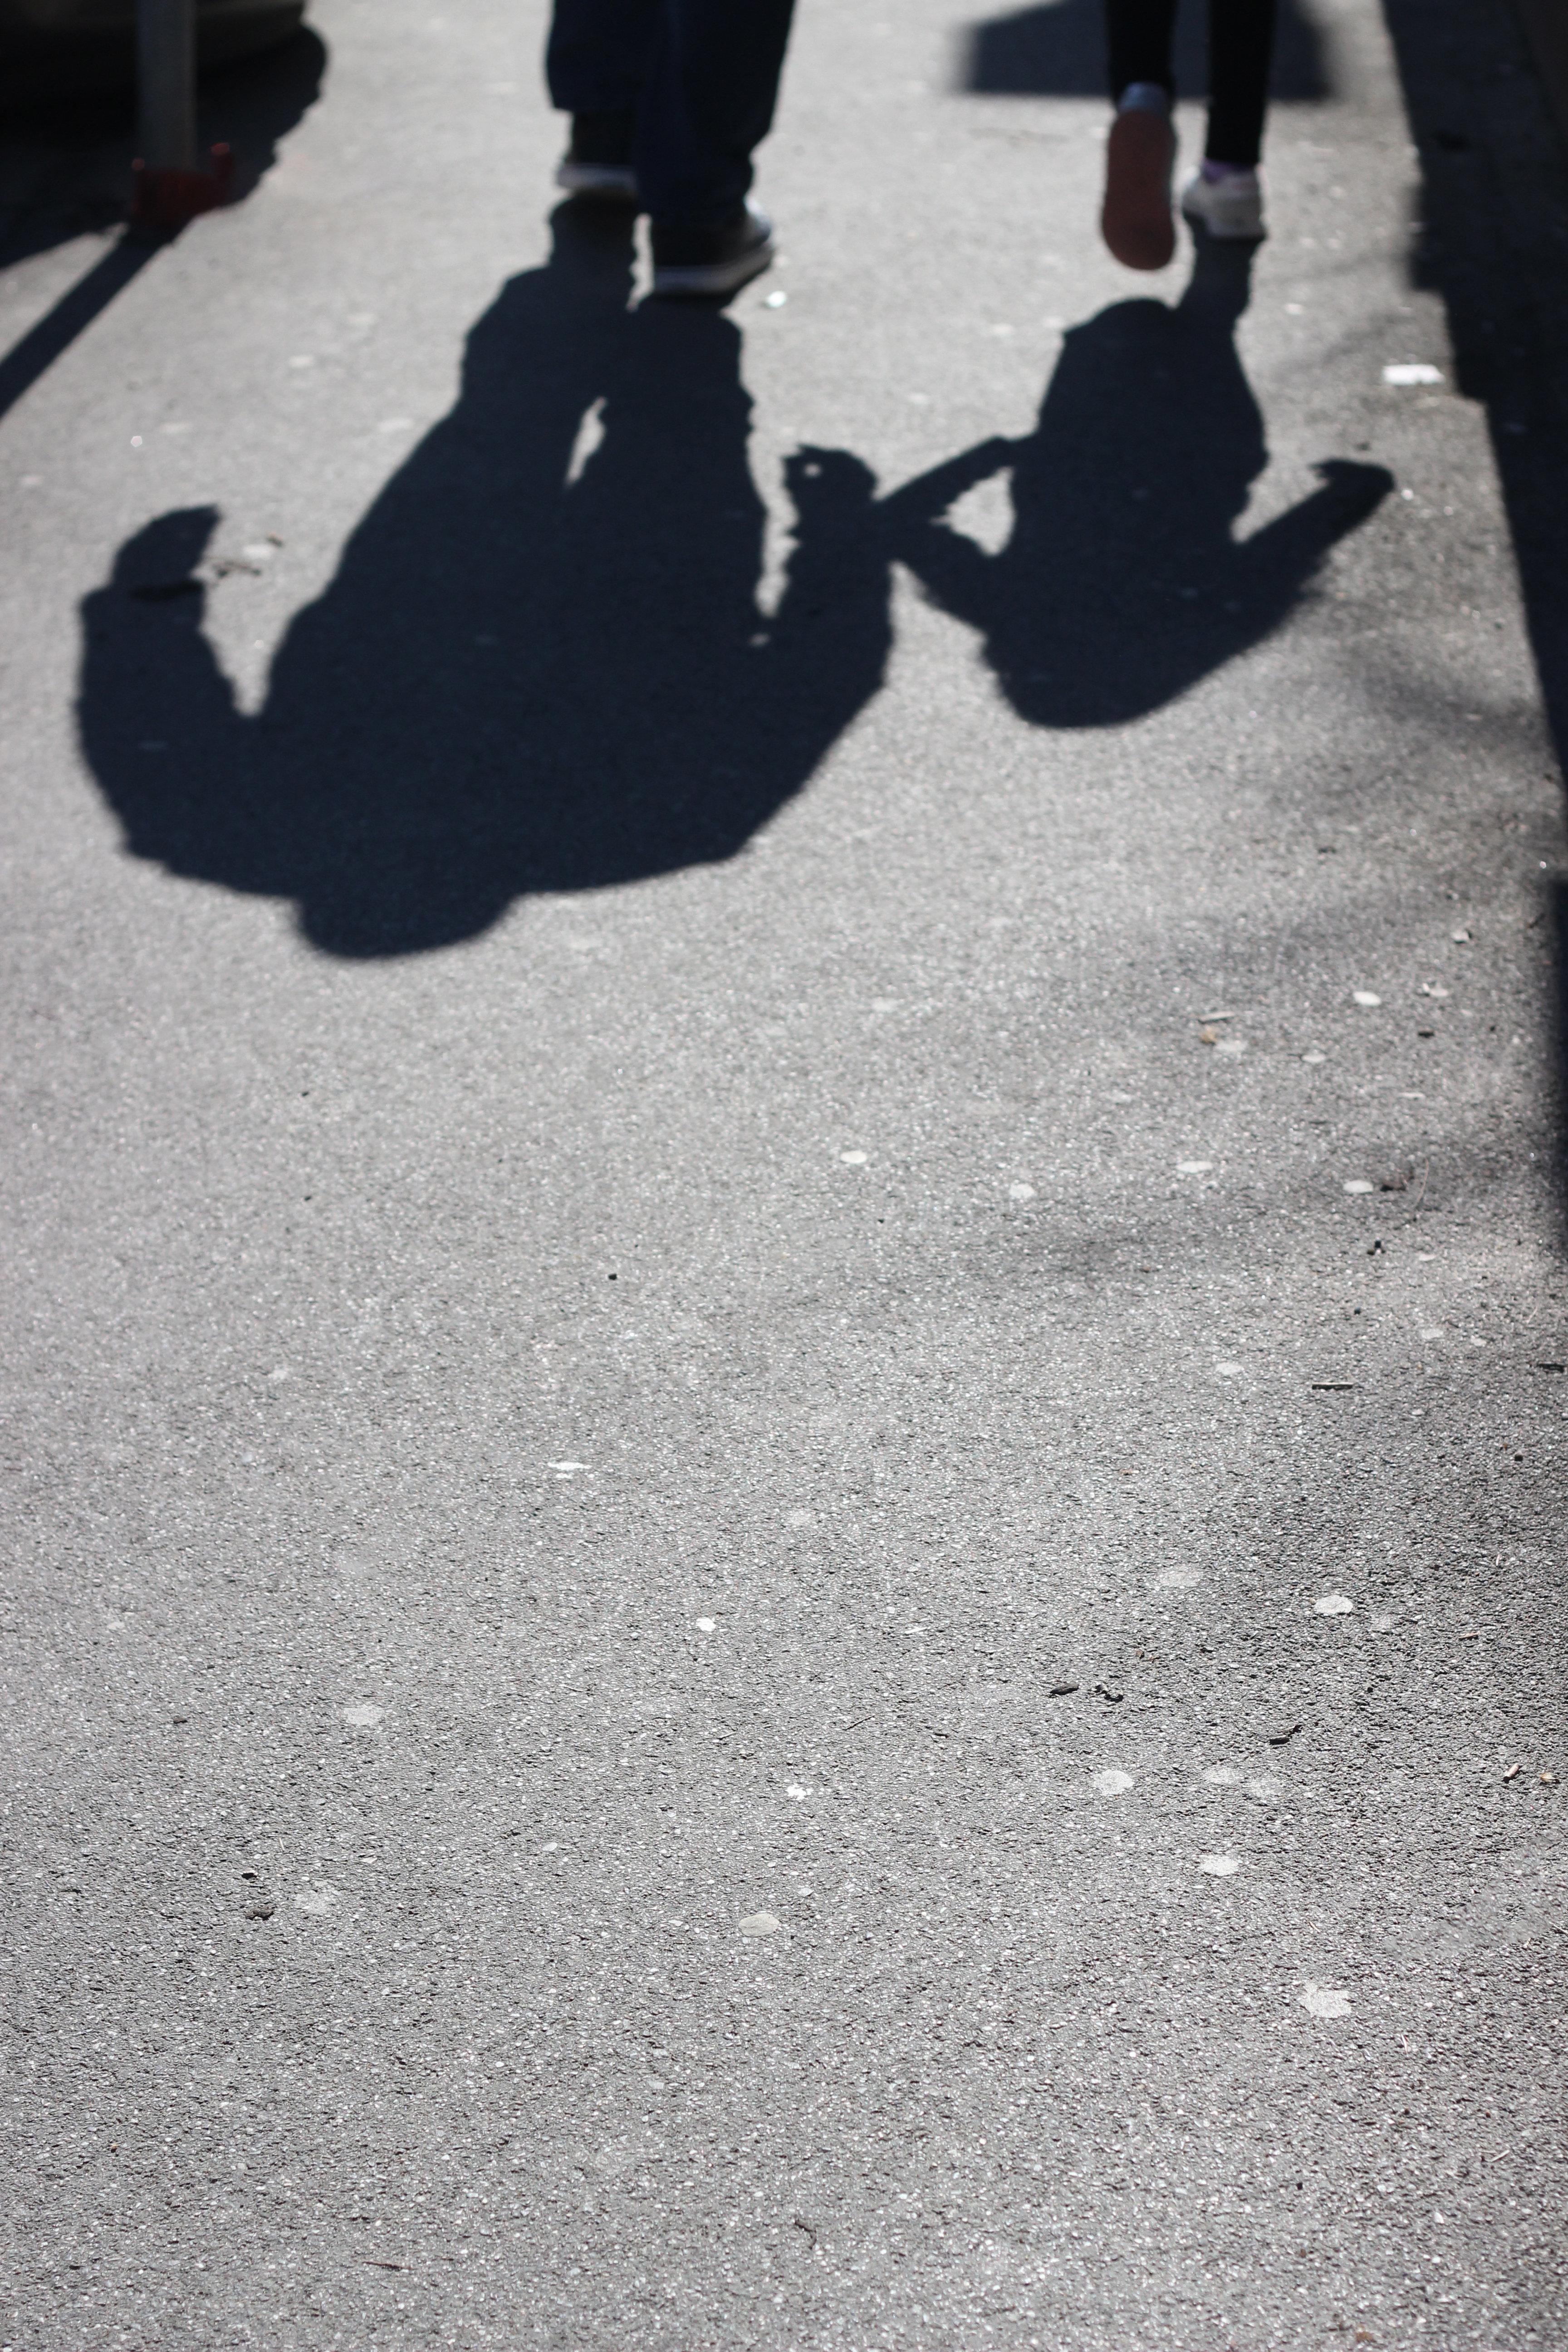 Bayern: Der Satz eines kleinen Mädchens entlarvt ein grausames Verbrechen